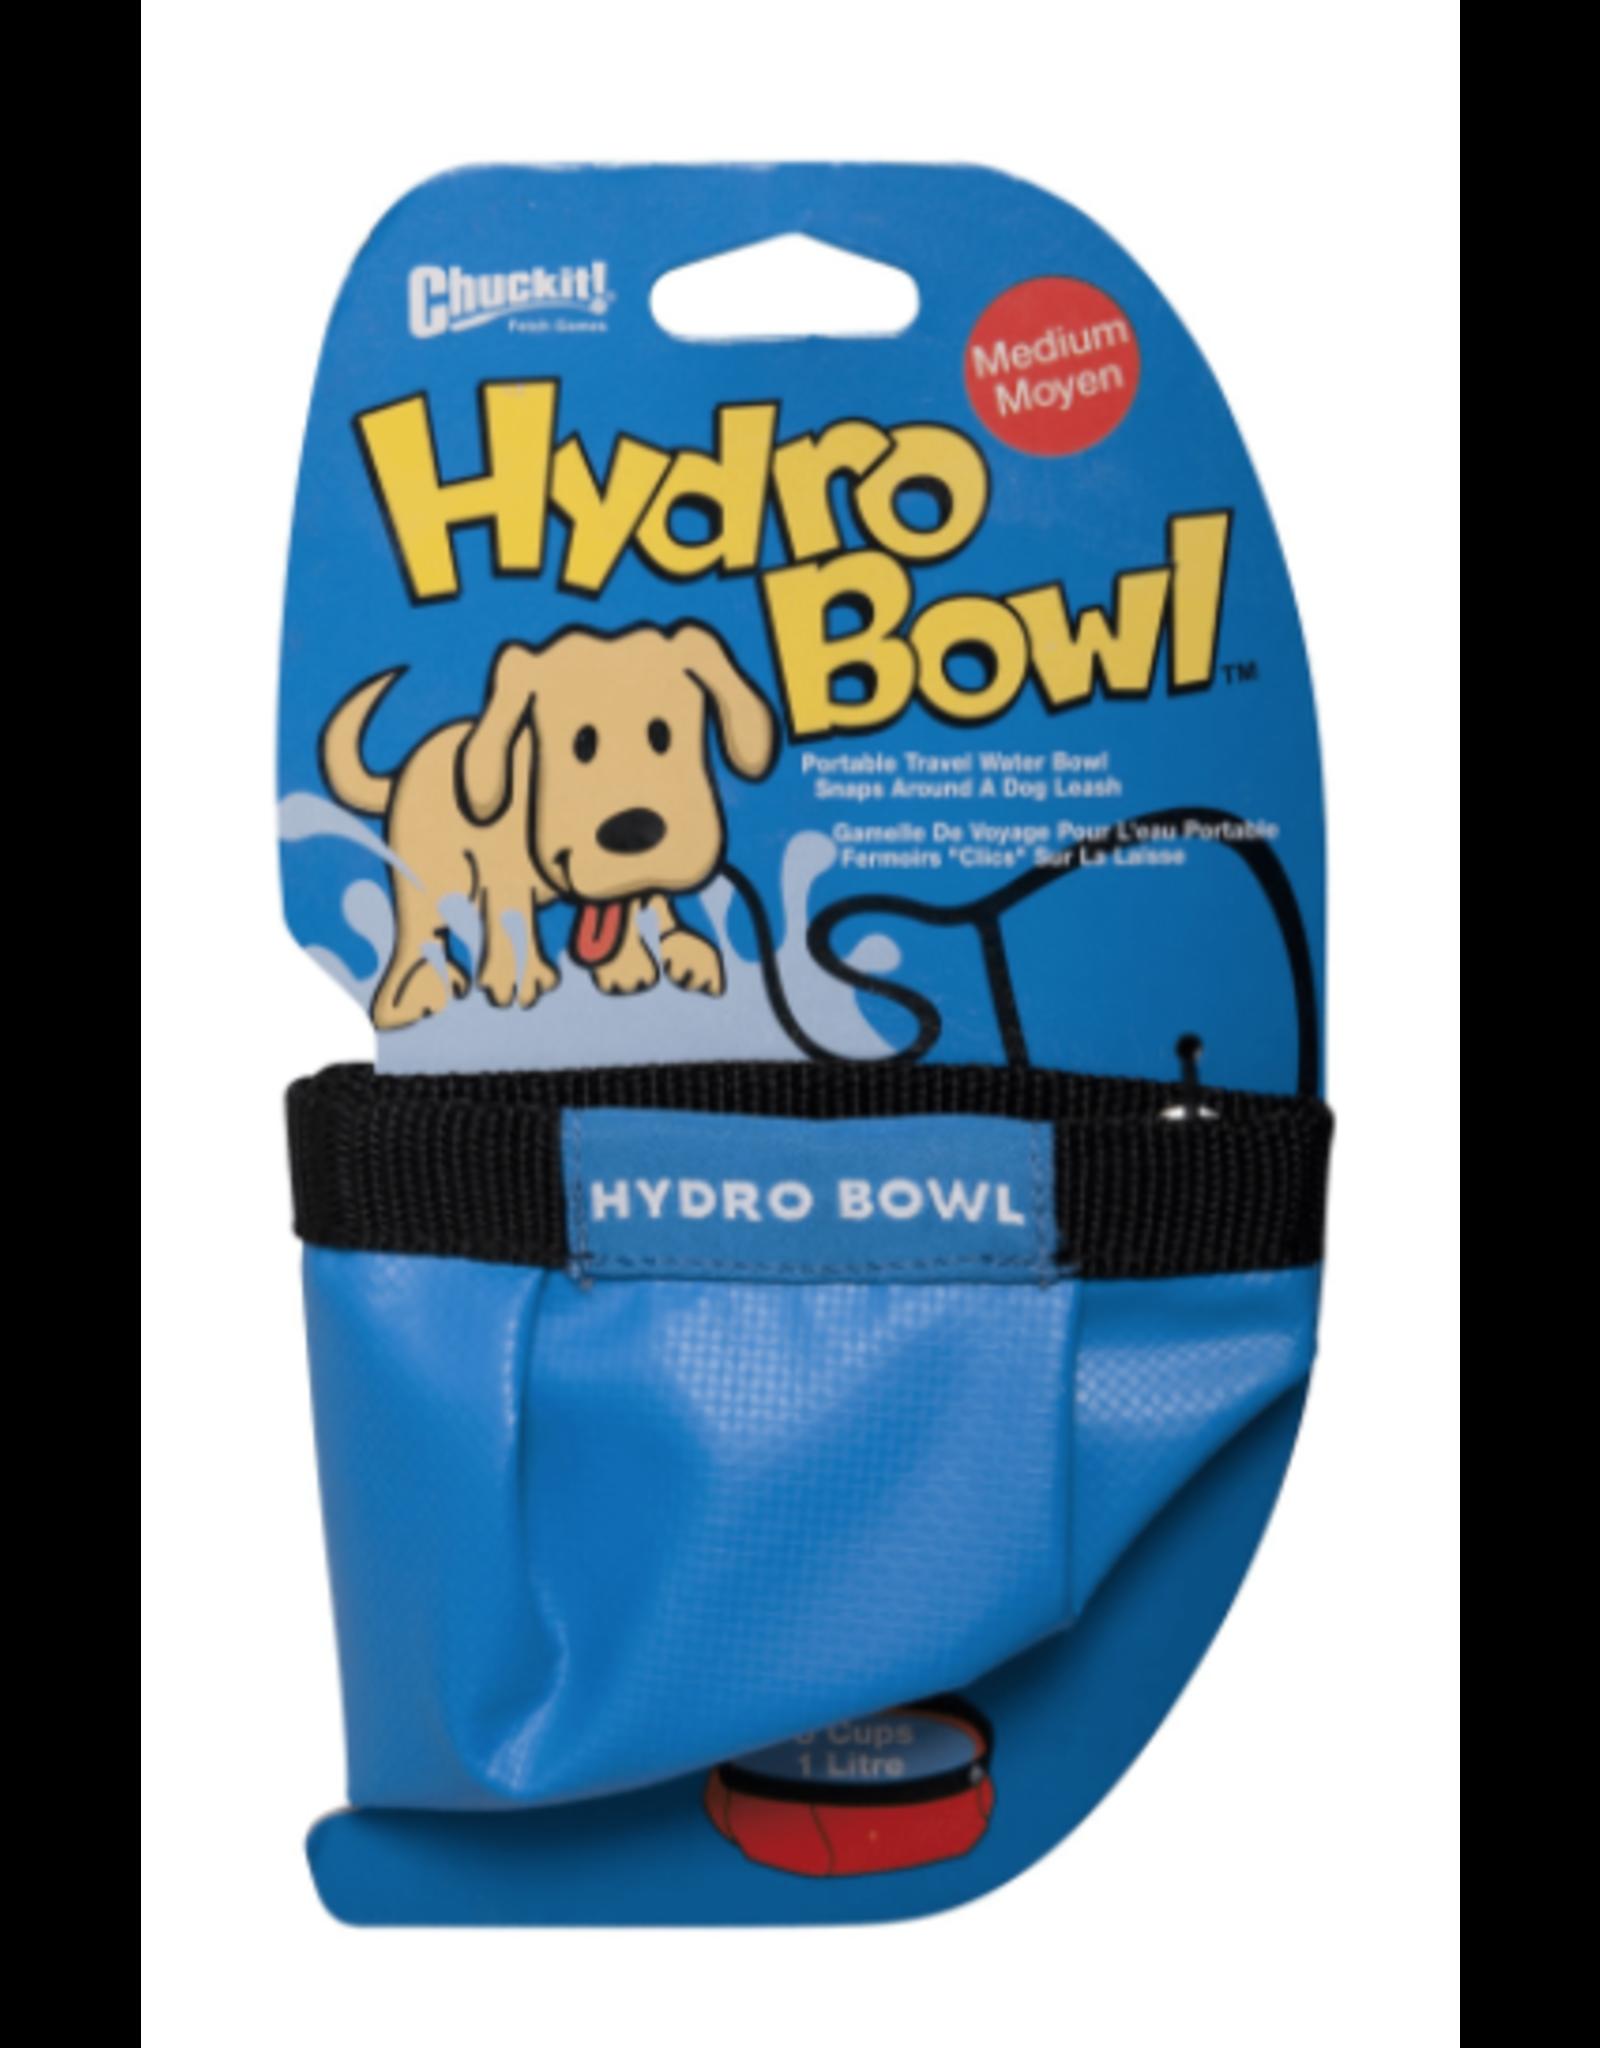 Chuckit! Chuckit! Hydro Bowl